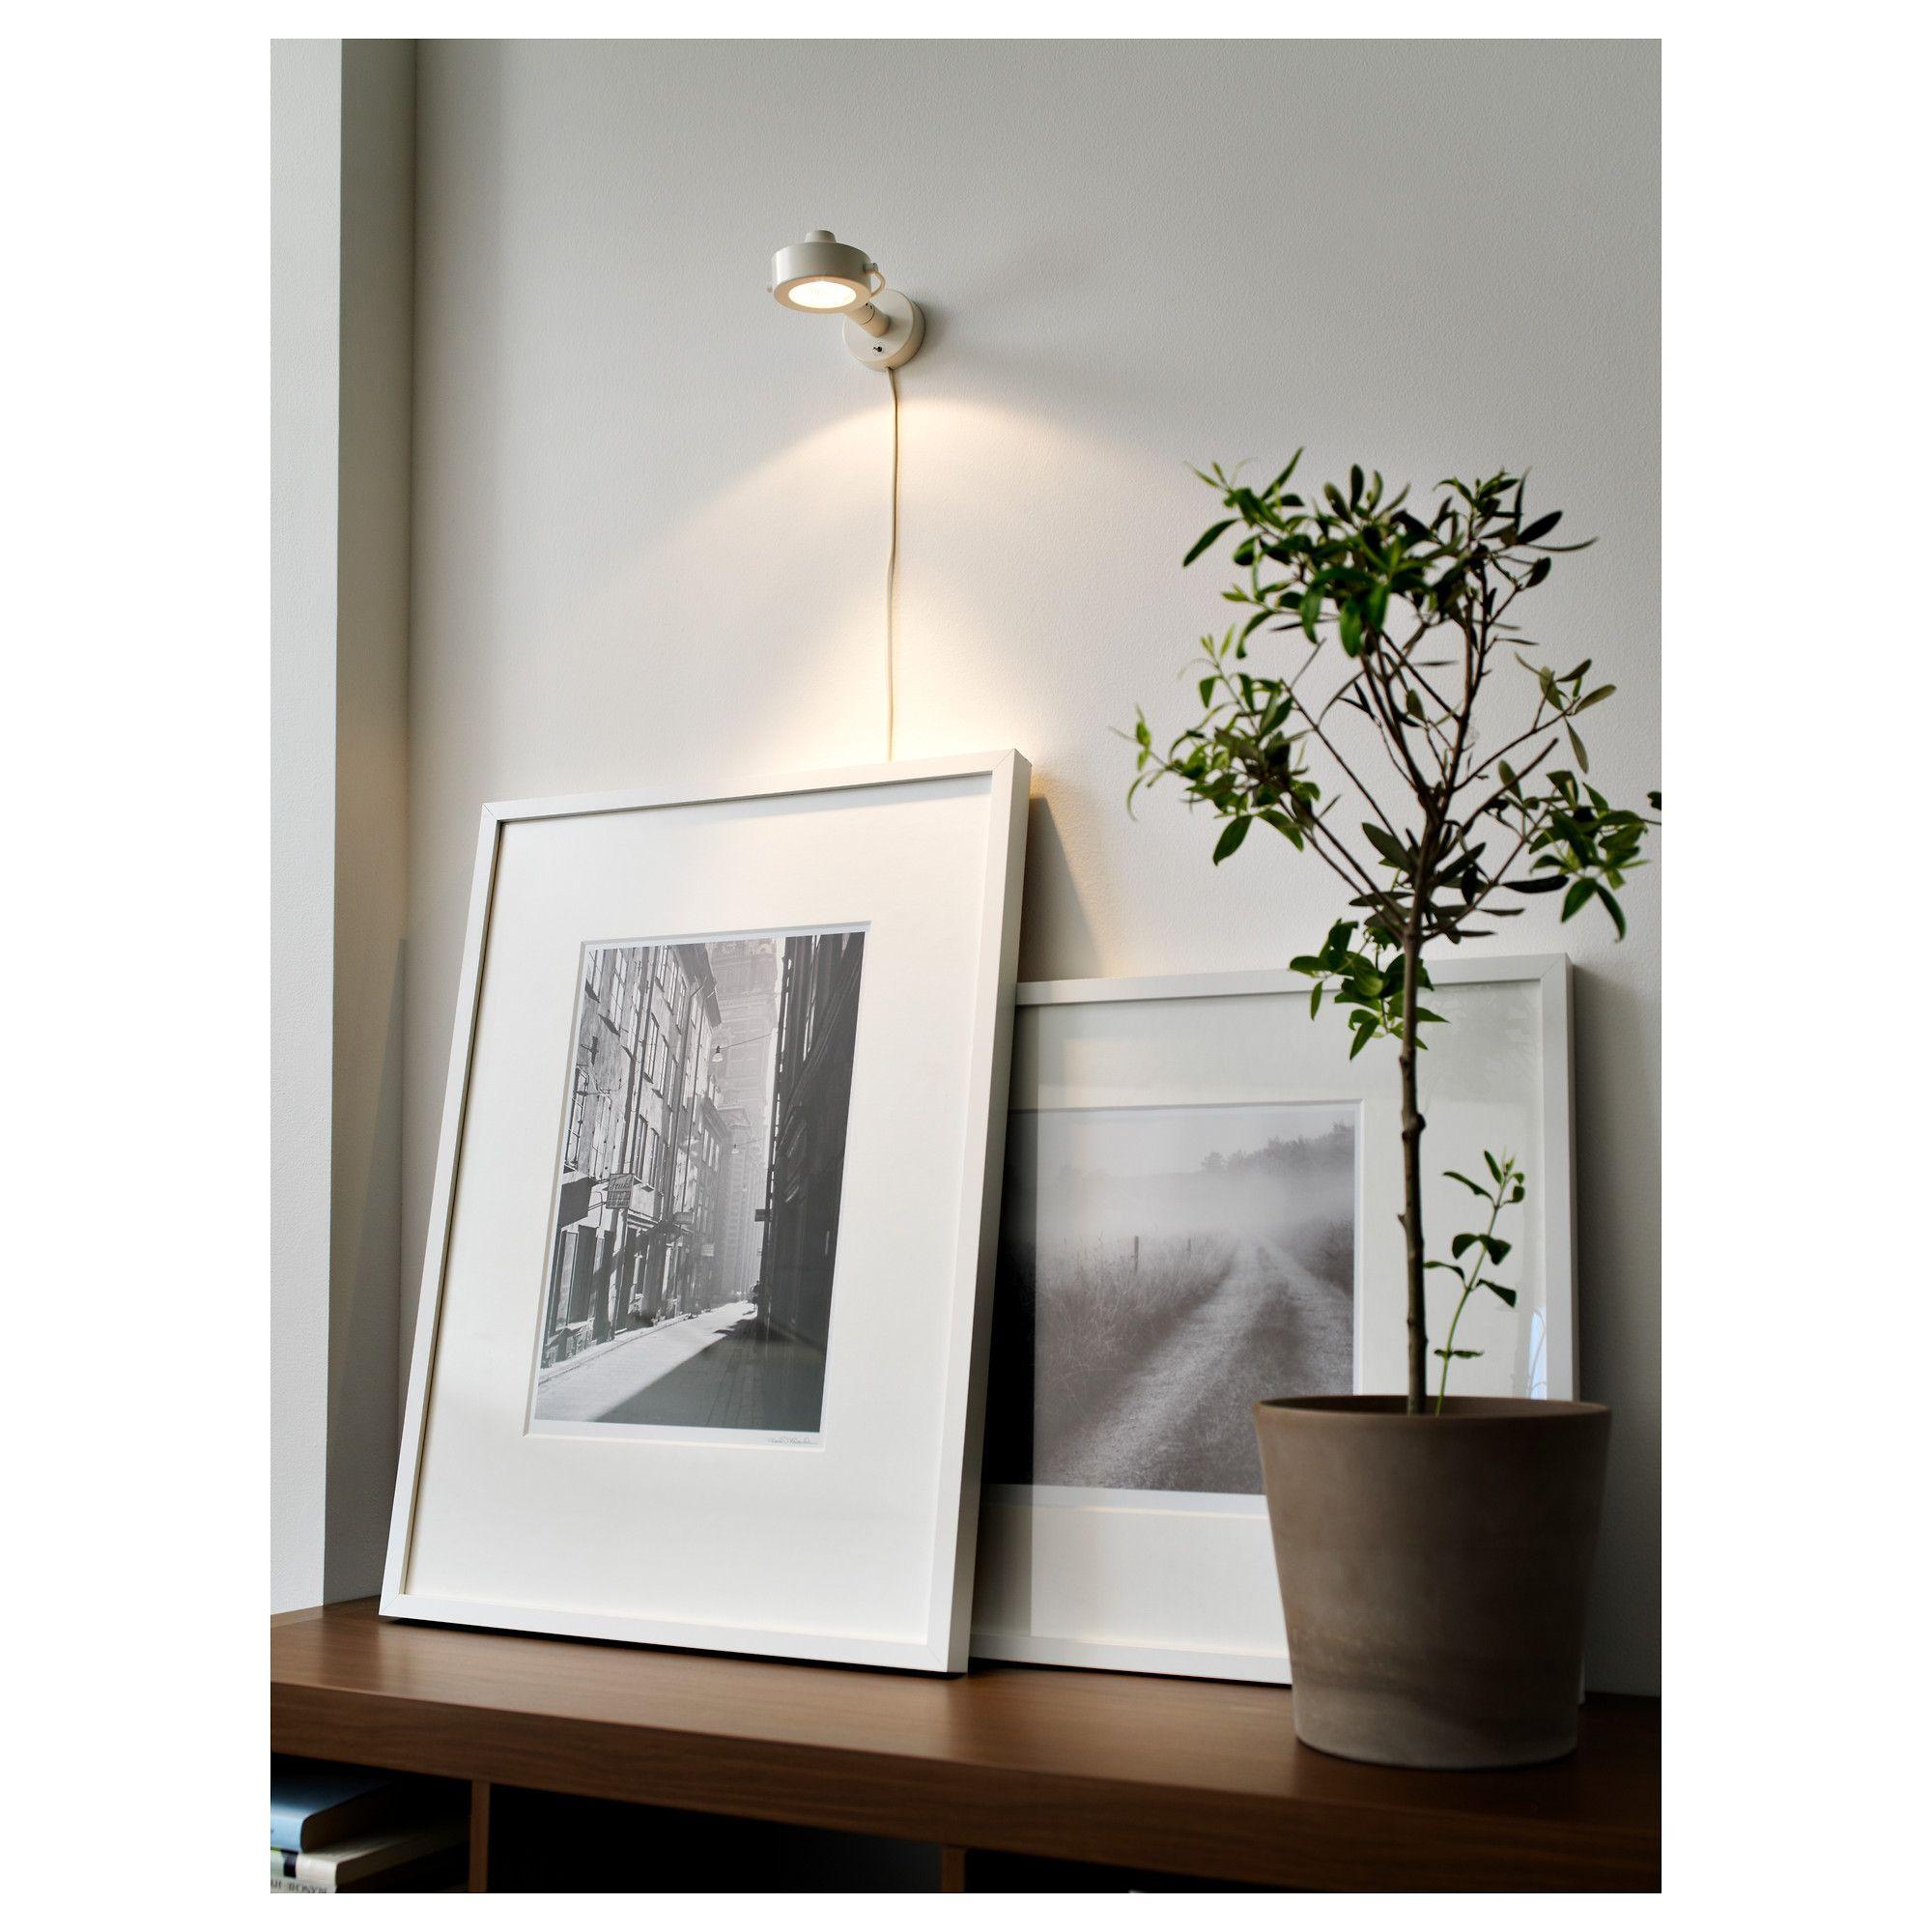 Ribba Frame White 19 X27 50x70 Cm Ribba Frame White Frame Frames On Wall